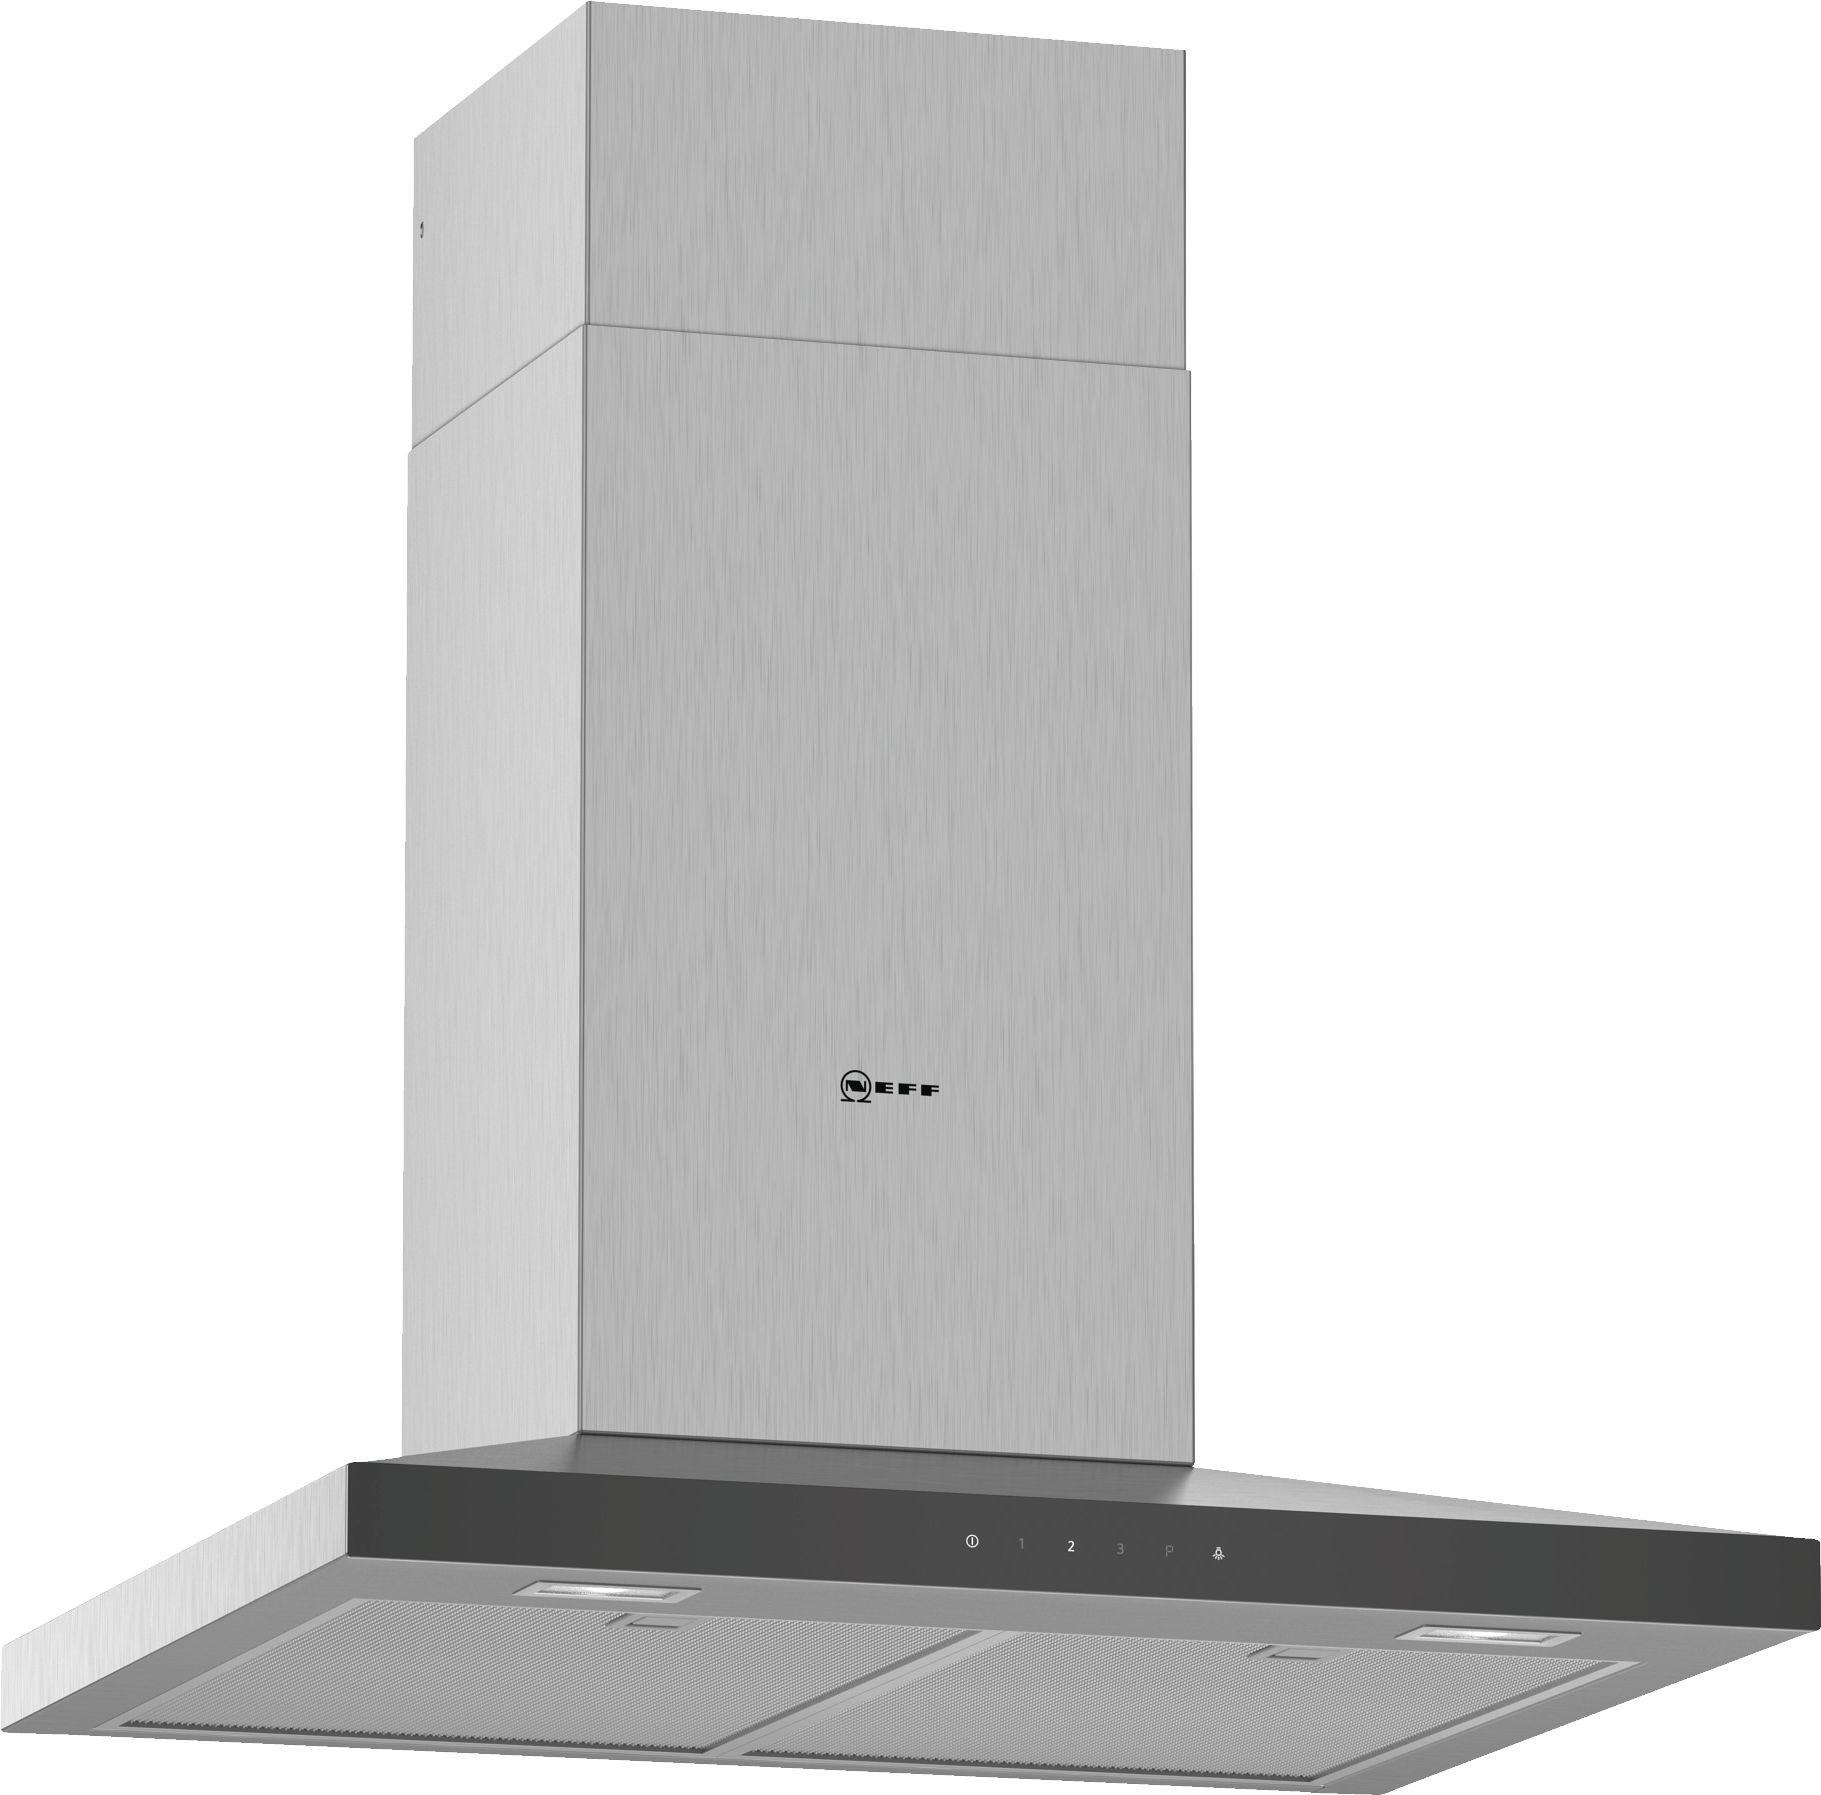 Neff N50 60cm Stainless Steel Pyramid Chimney Hood D64QFM1N0B